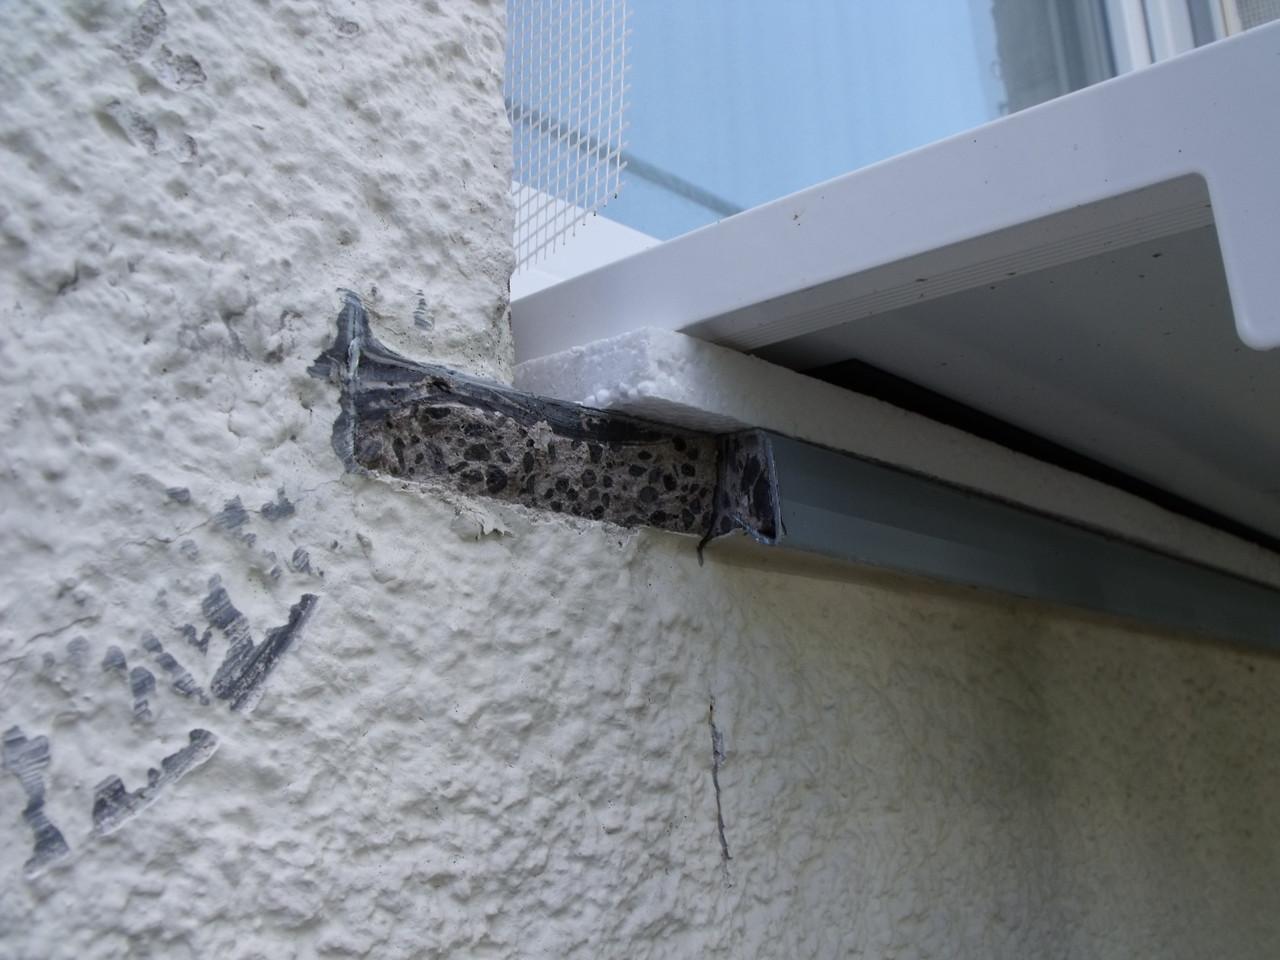 Wärmebrückenreduzierung: Dämmung unter der neuen Fensterbank